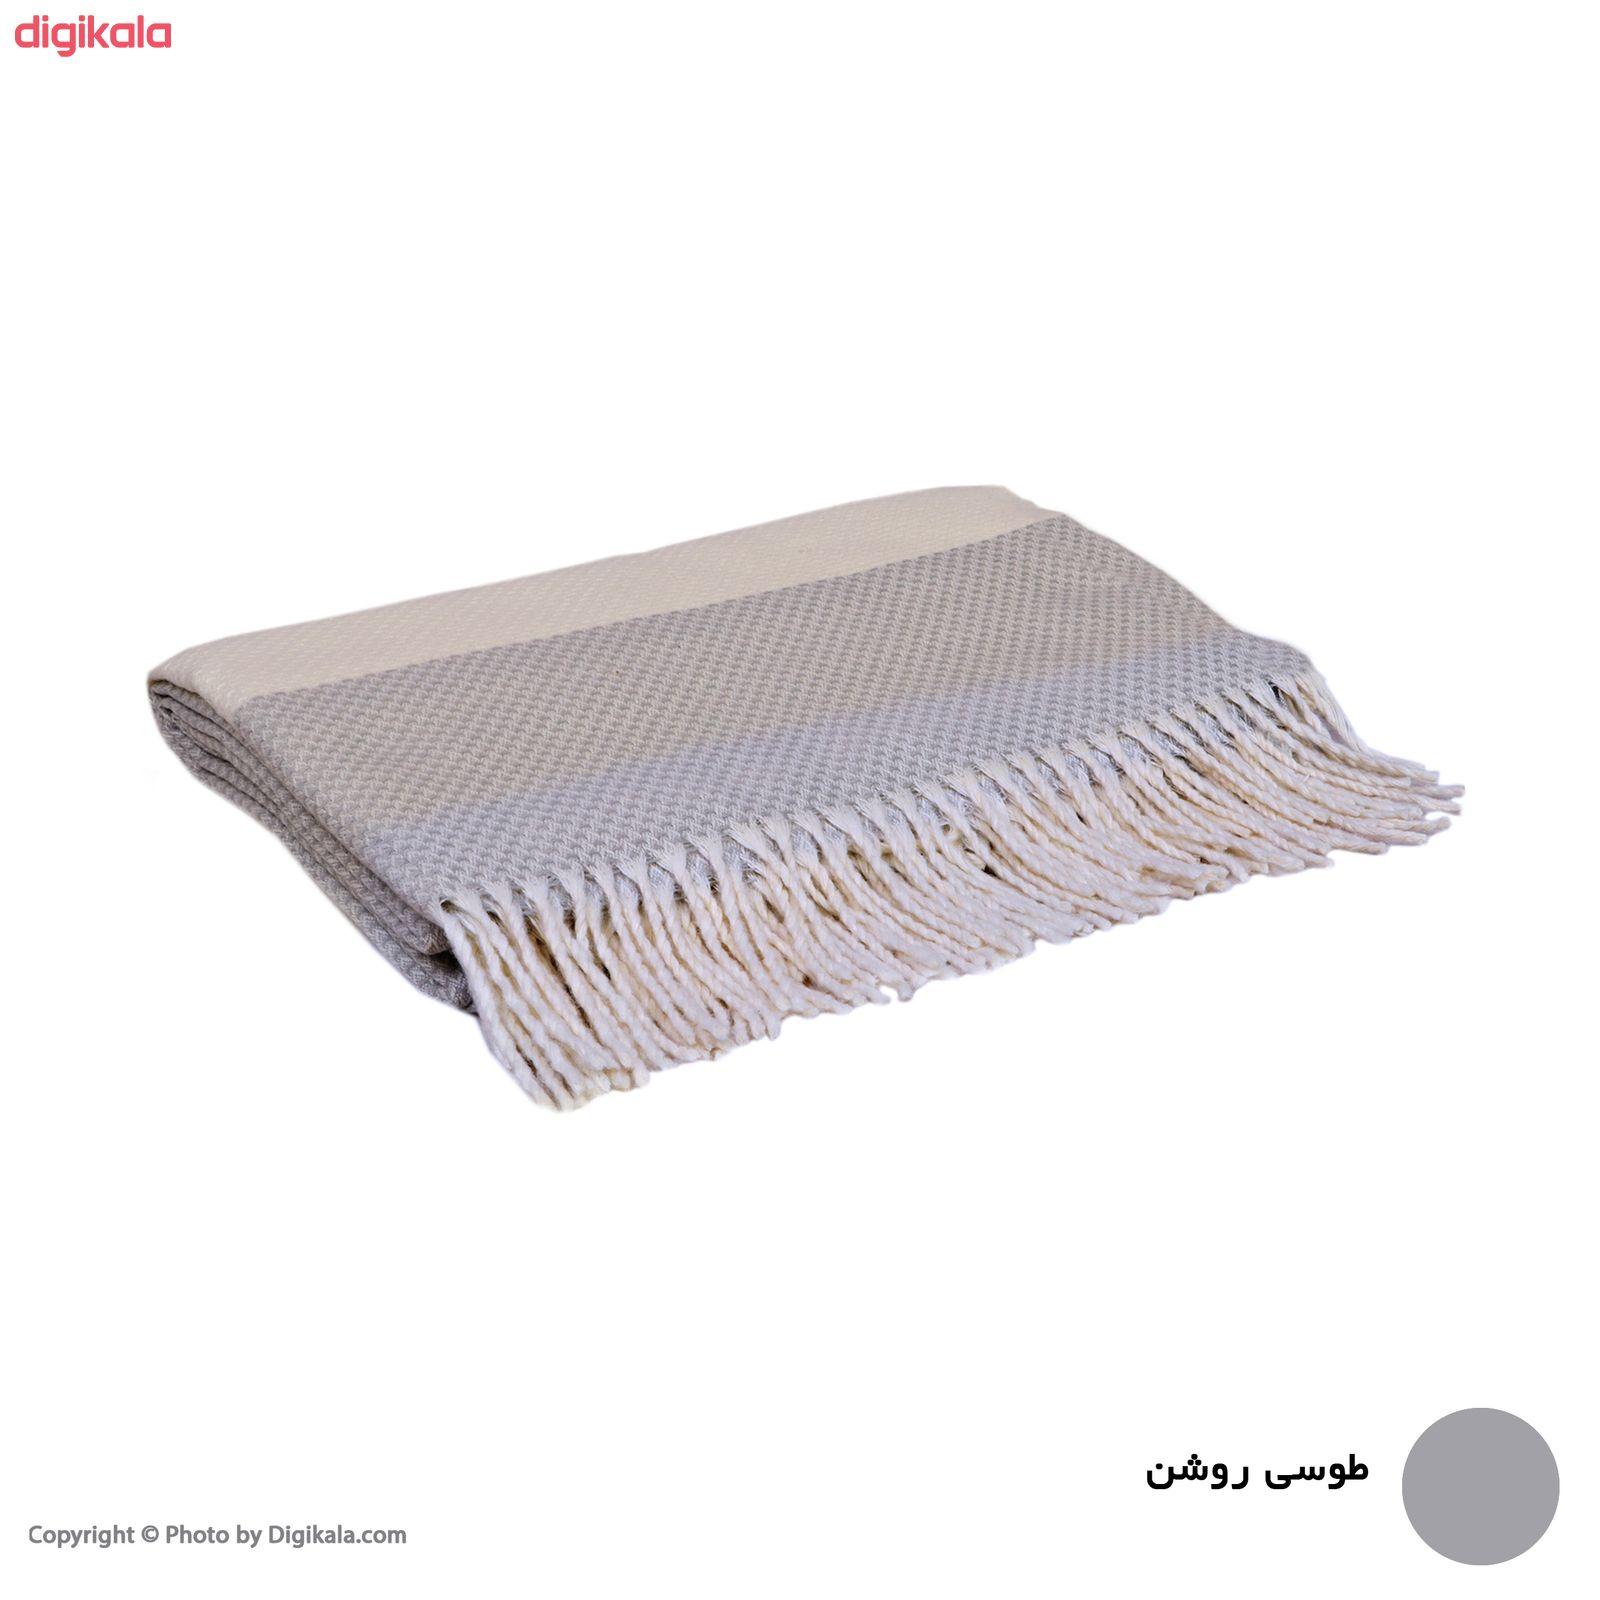 پتو مسافرتی سیمین مدل السا کد 002 سایز 220 × 150 سانتی متر main 1 5